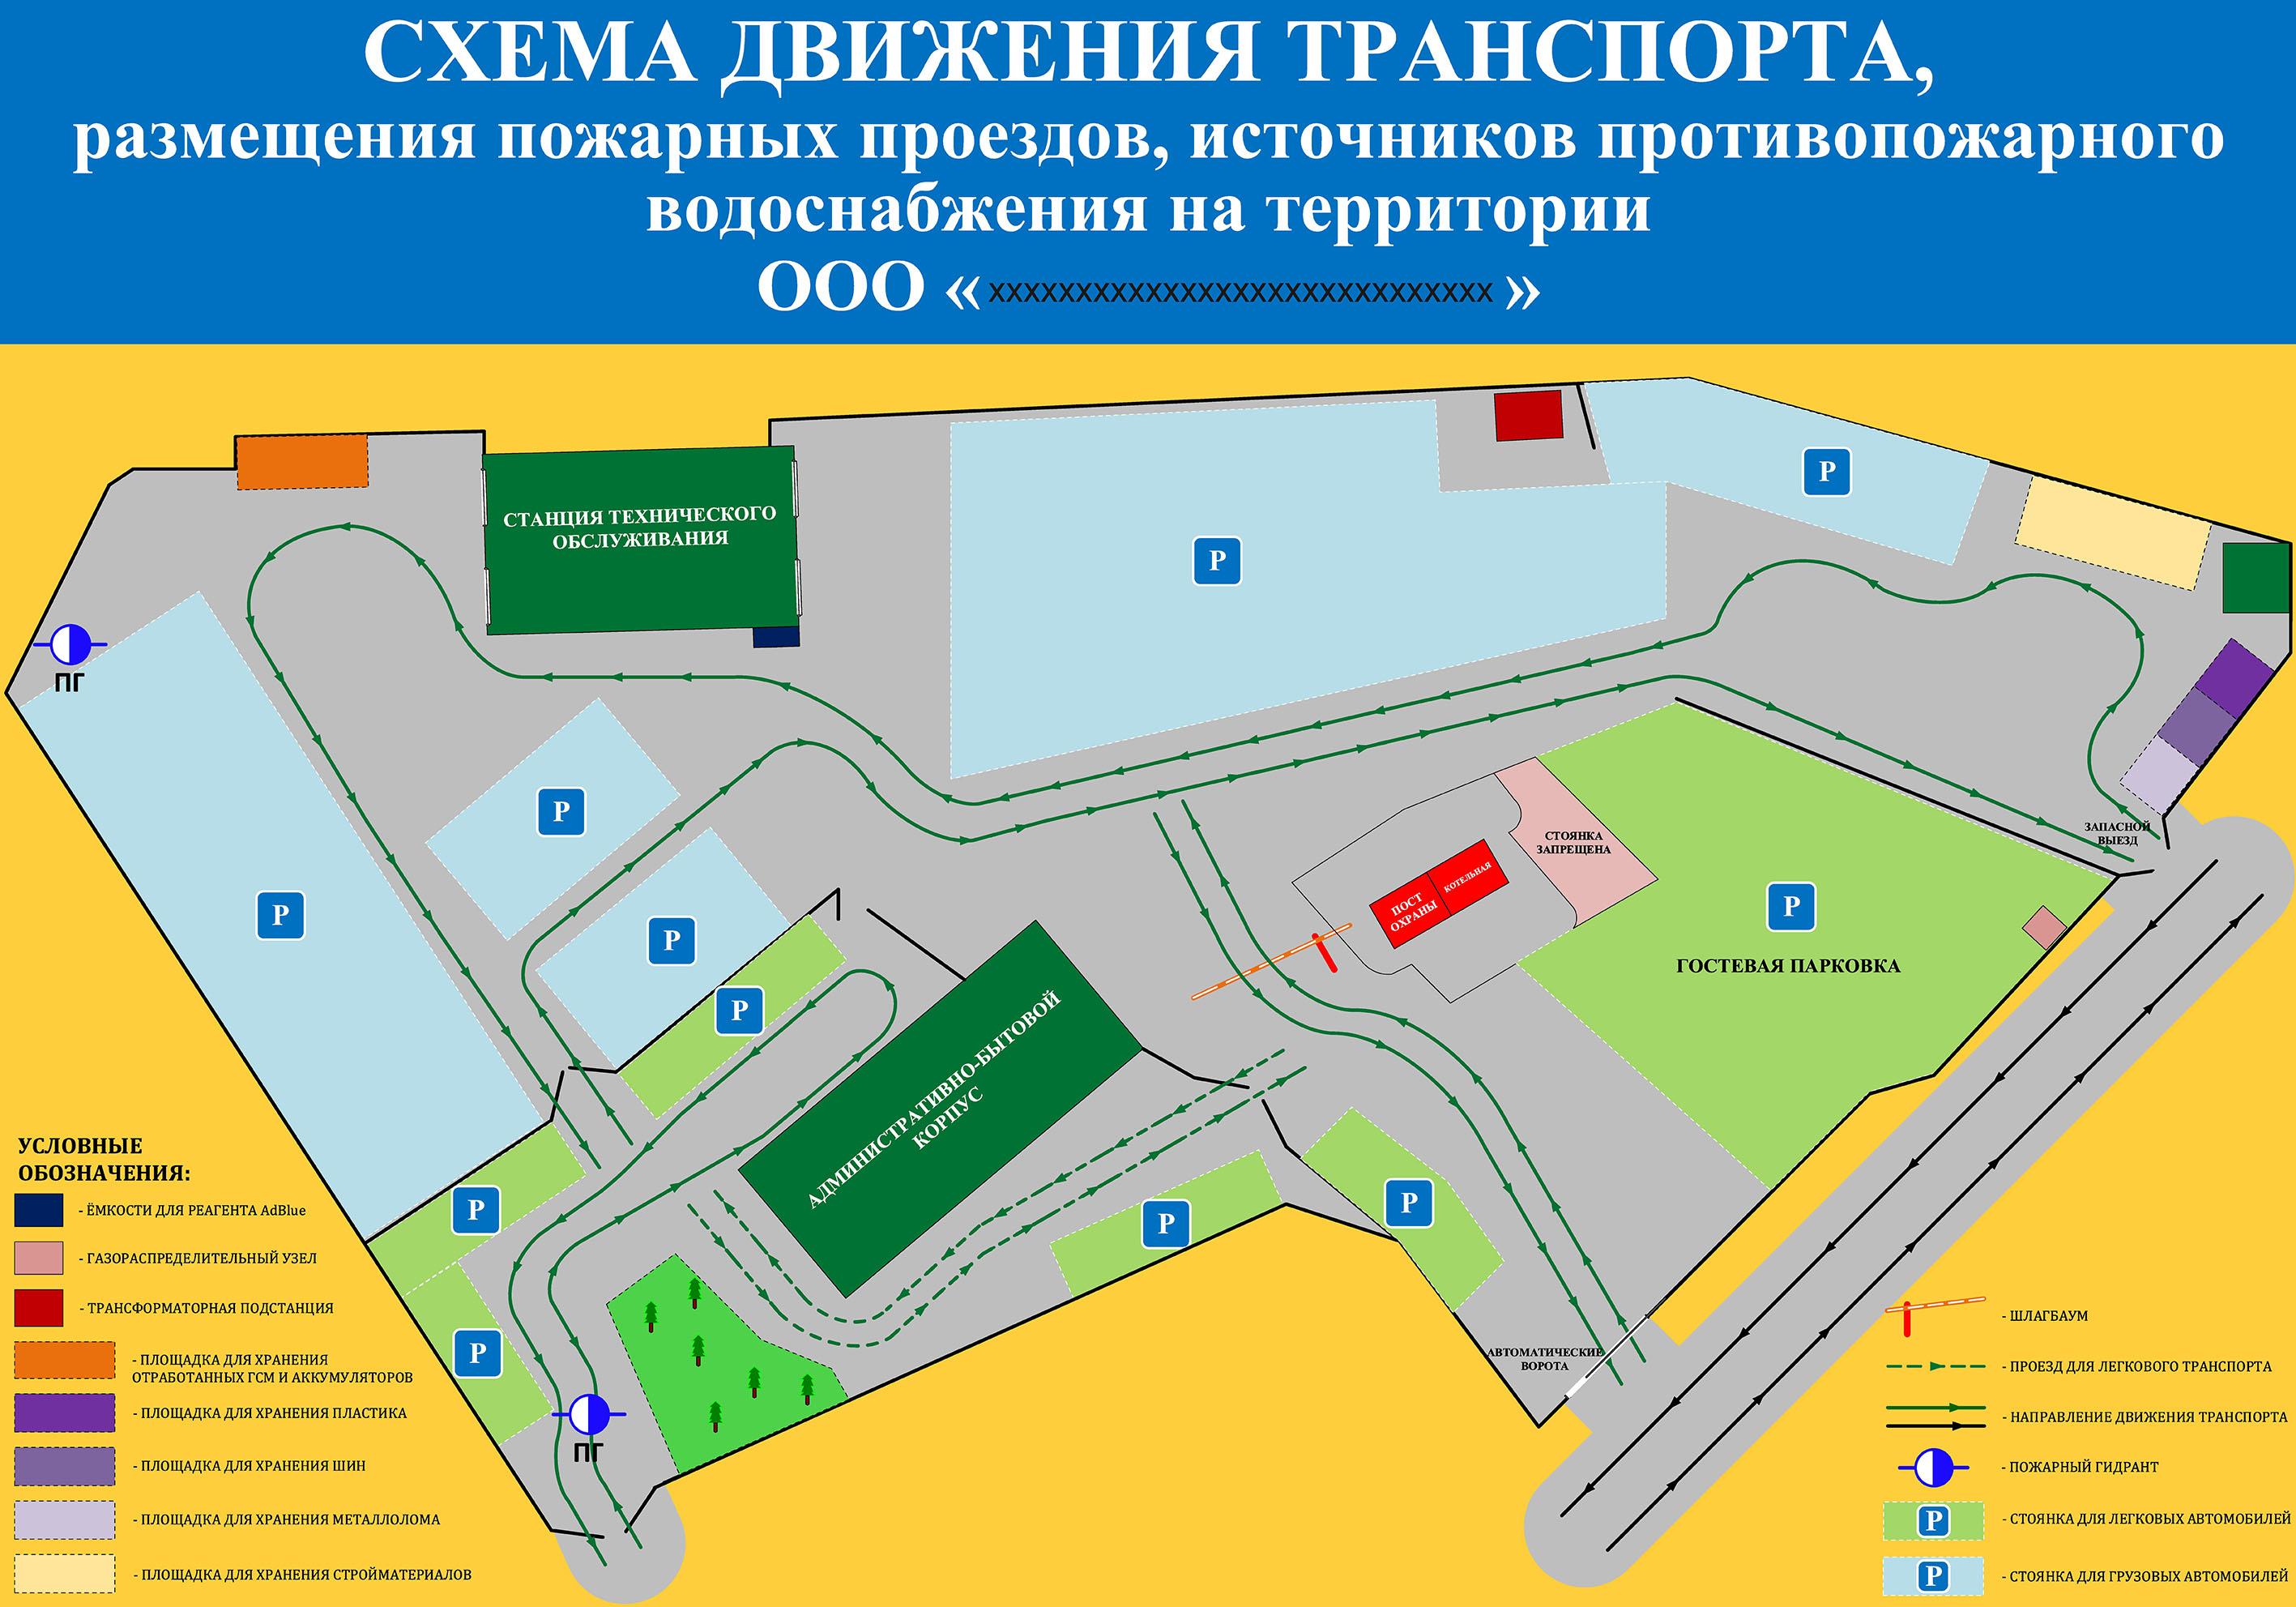 shemа-dvizheniya-transporta